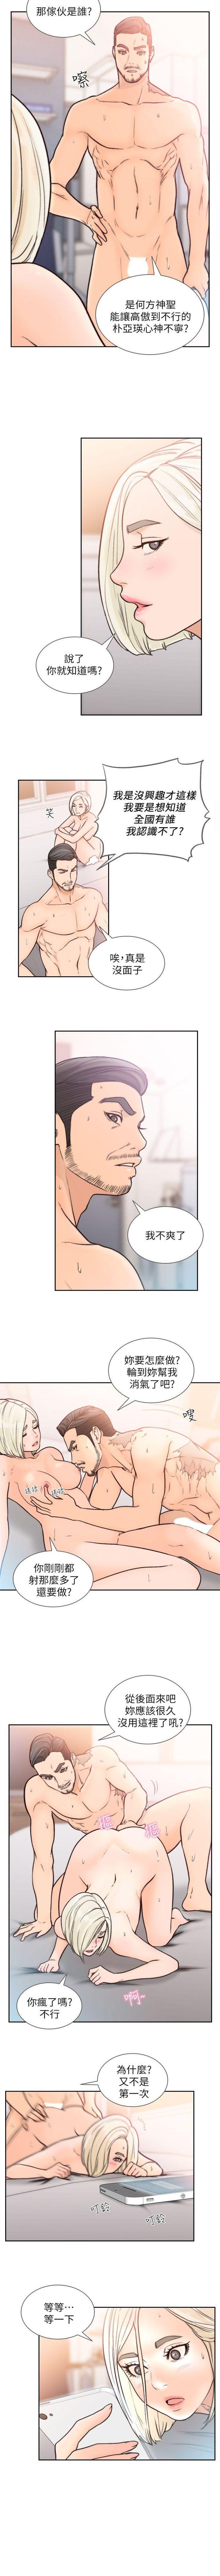 前女友 1-48 中文翻译(更新中) 87